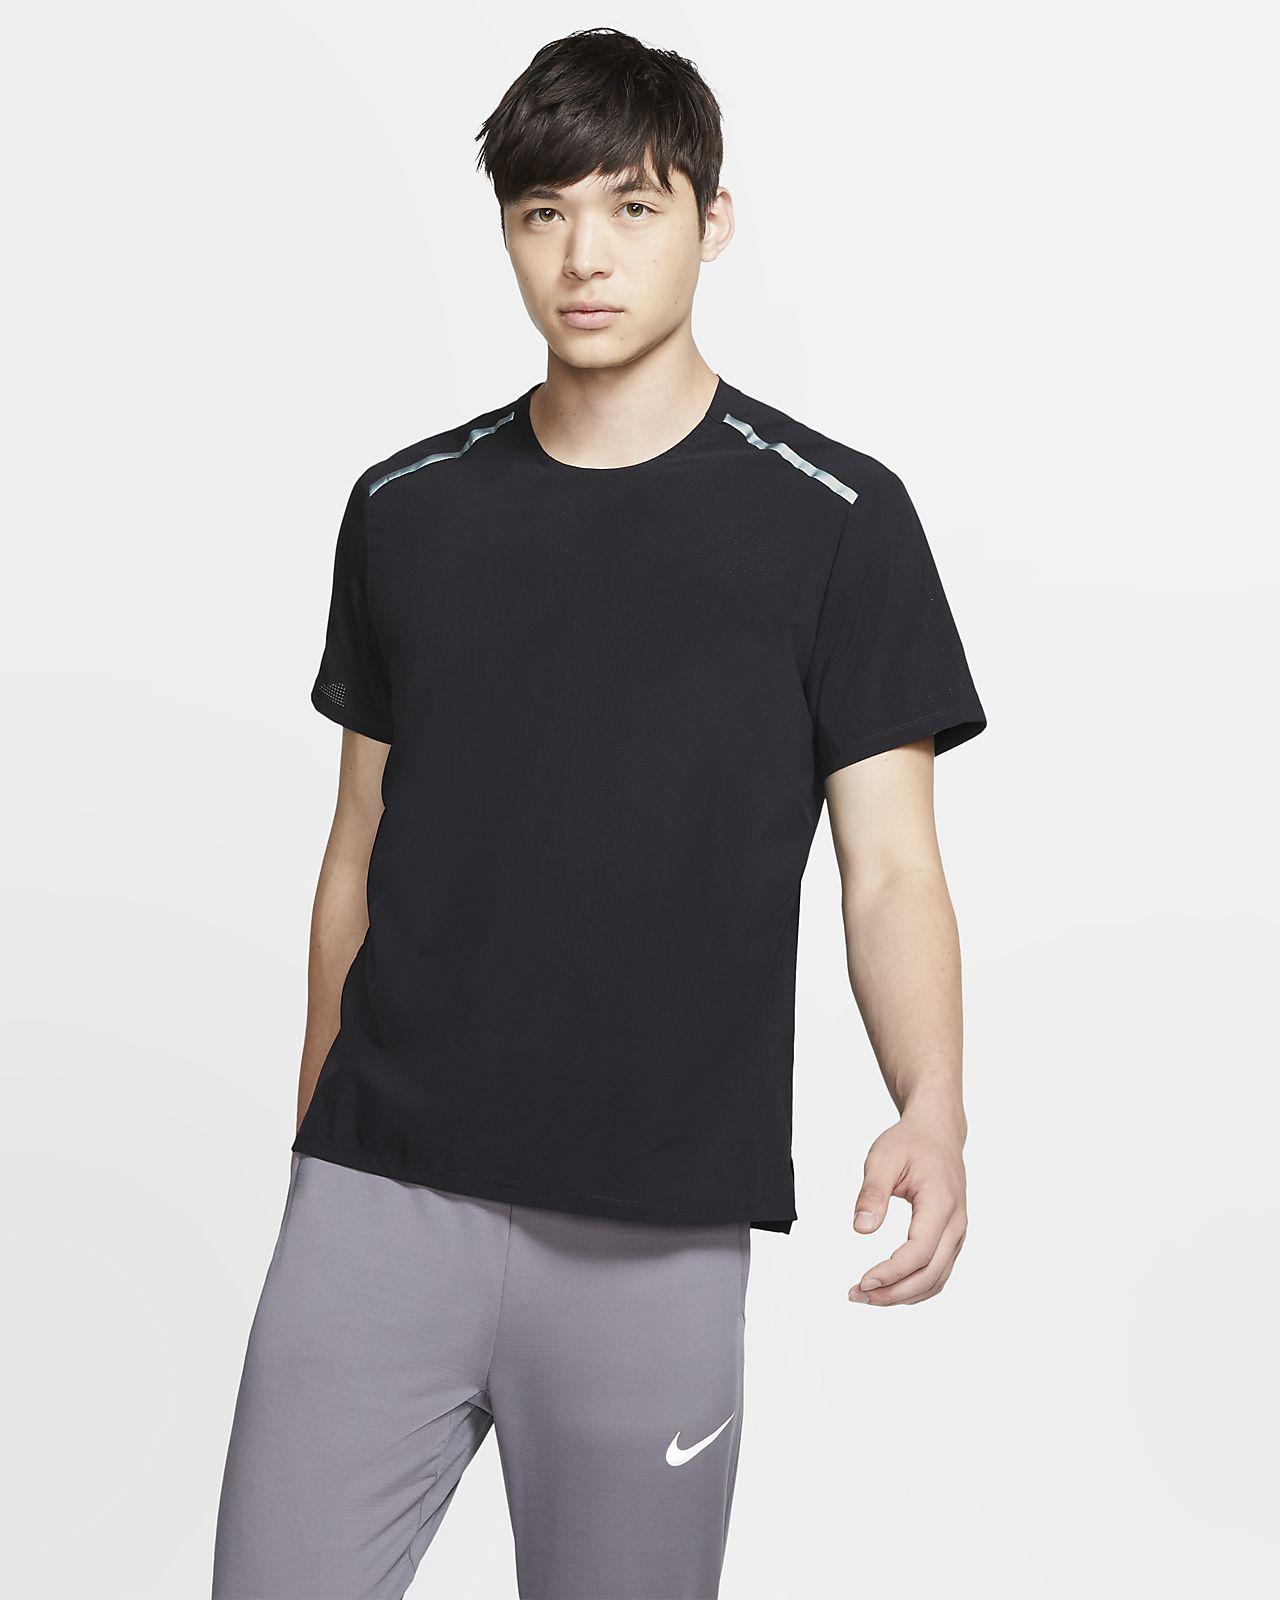 Ανδρική κοντομάνικη μπλούζα για τρέξιμο Nike